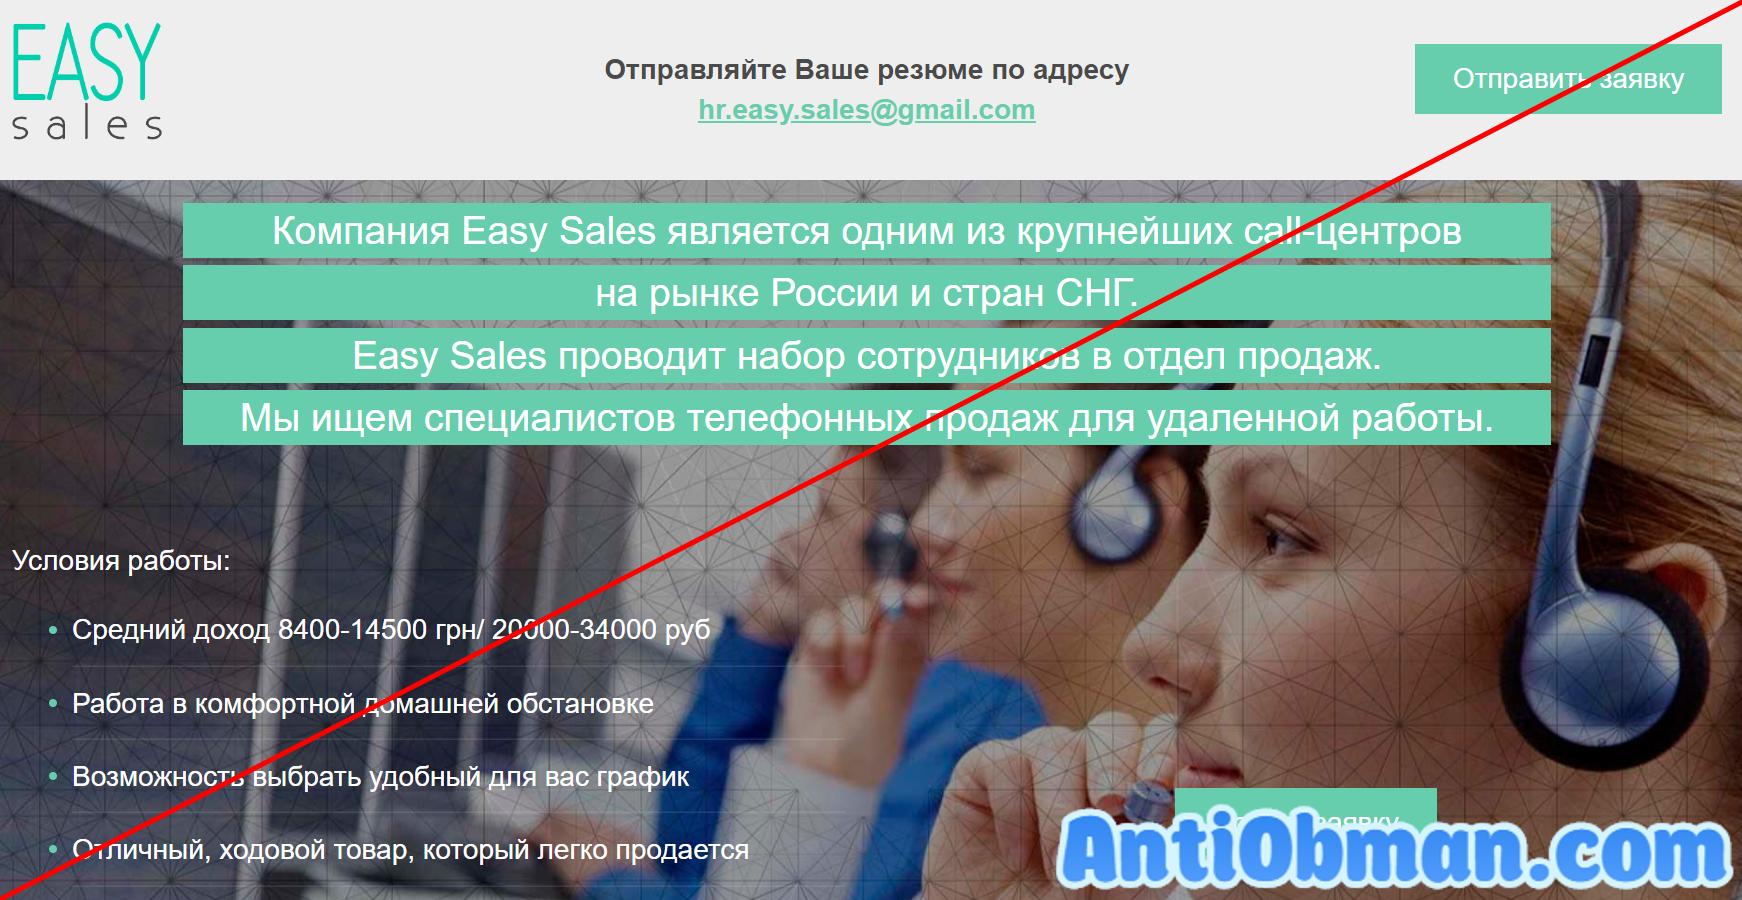 Работа в Easy Sales - отзывы о компании